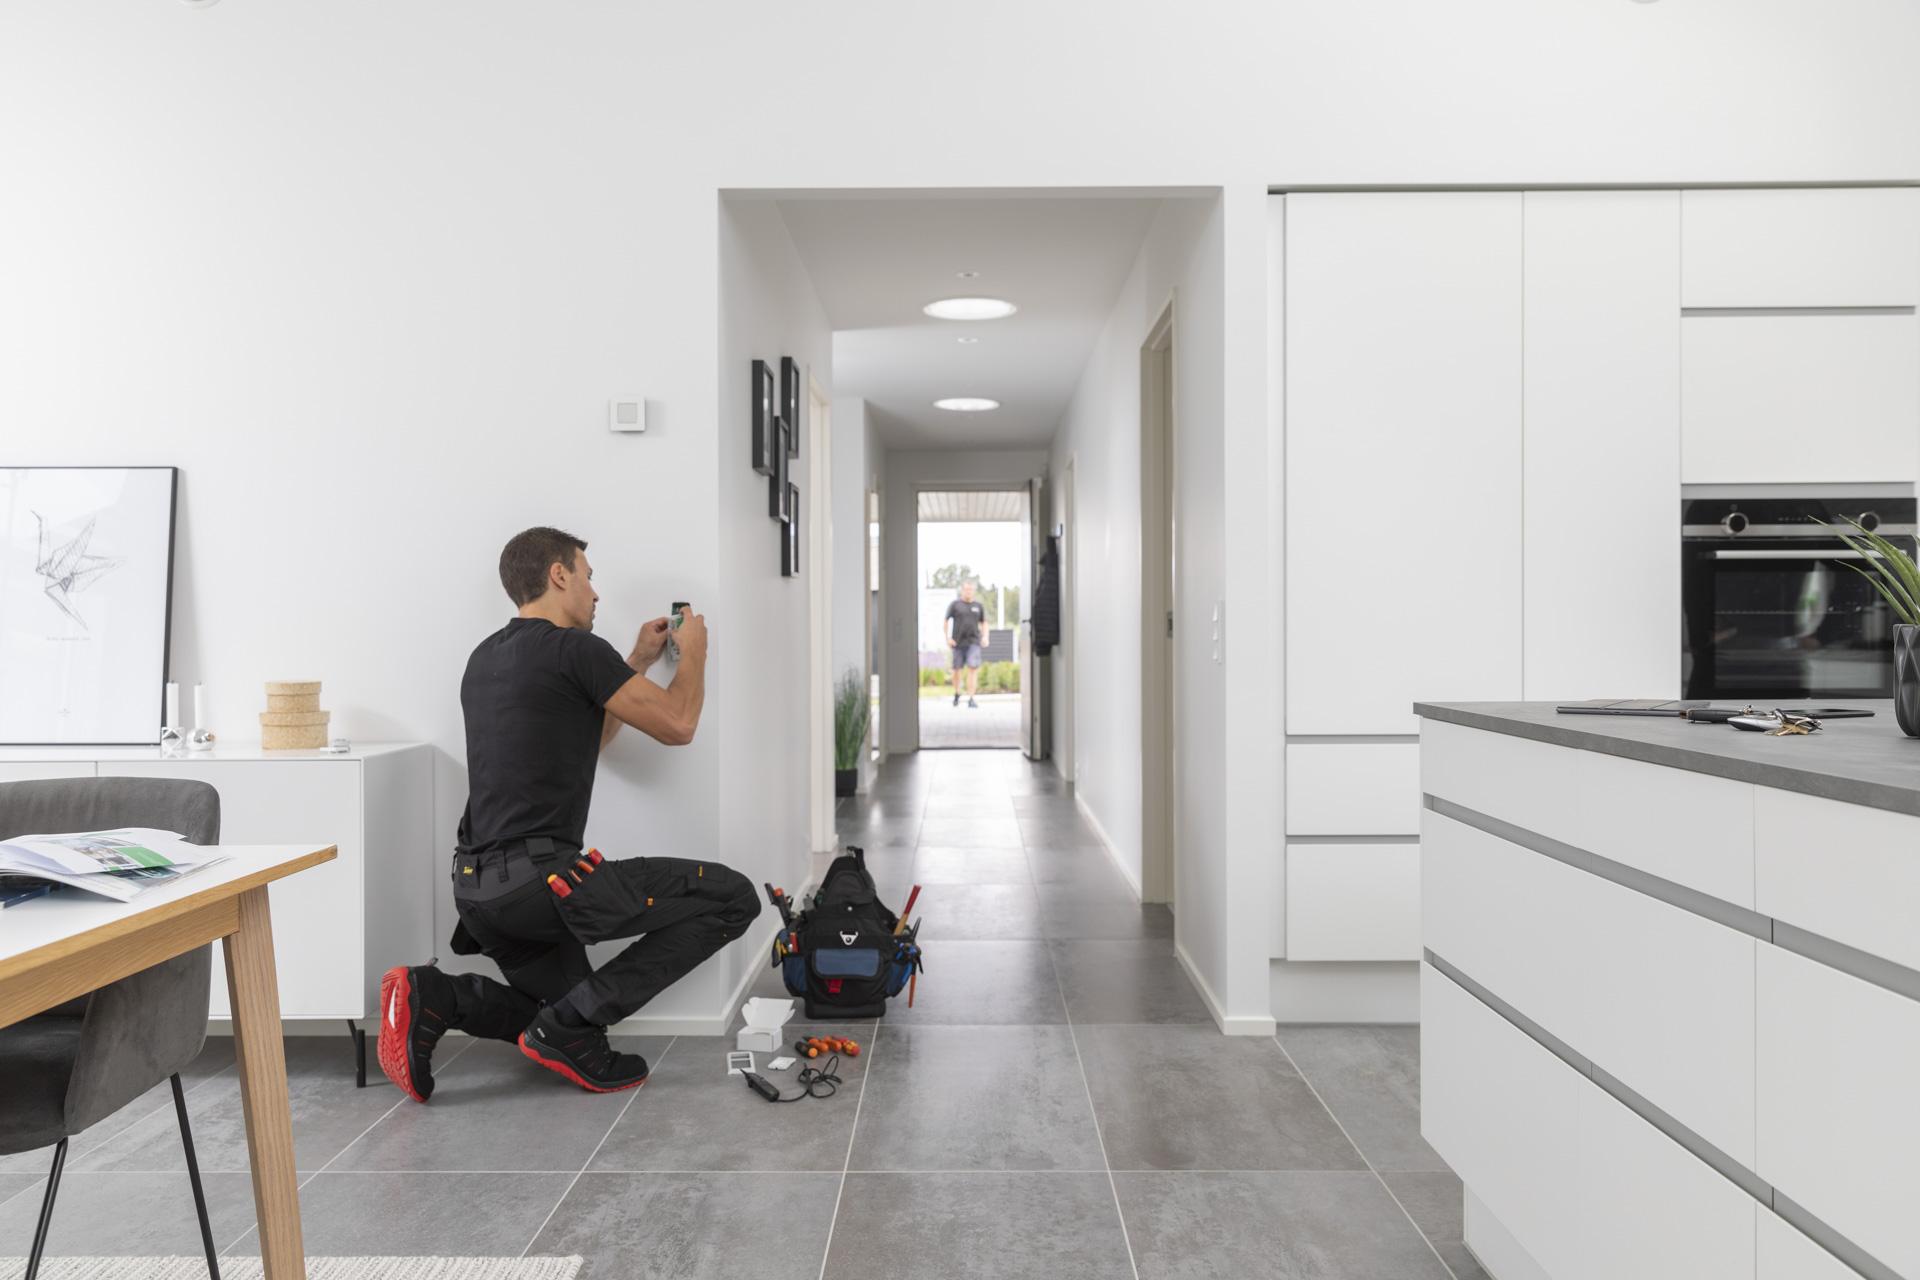 Installation af smart home system